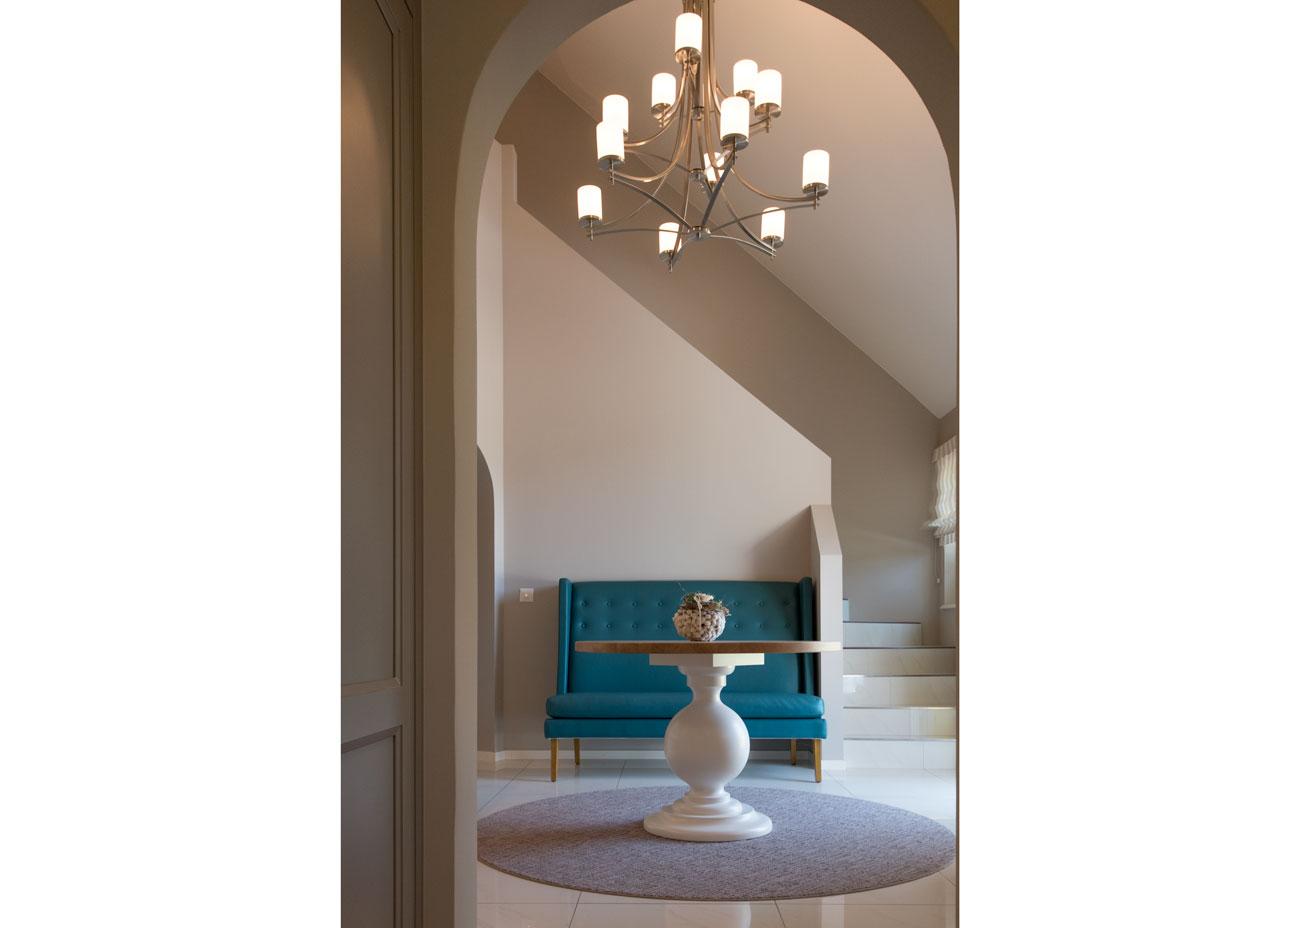 haus renovierung ideen eingangshalle kronleuchter bank tisch treppenaufgang